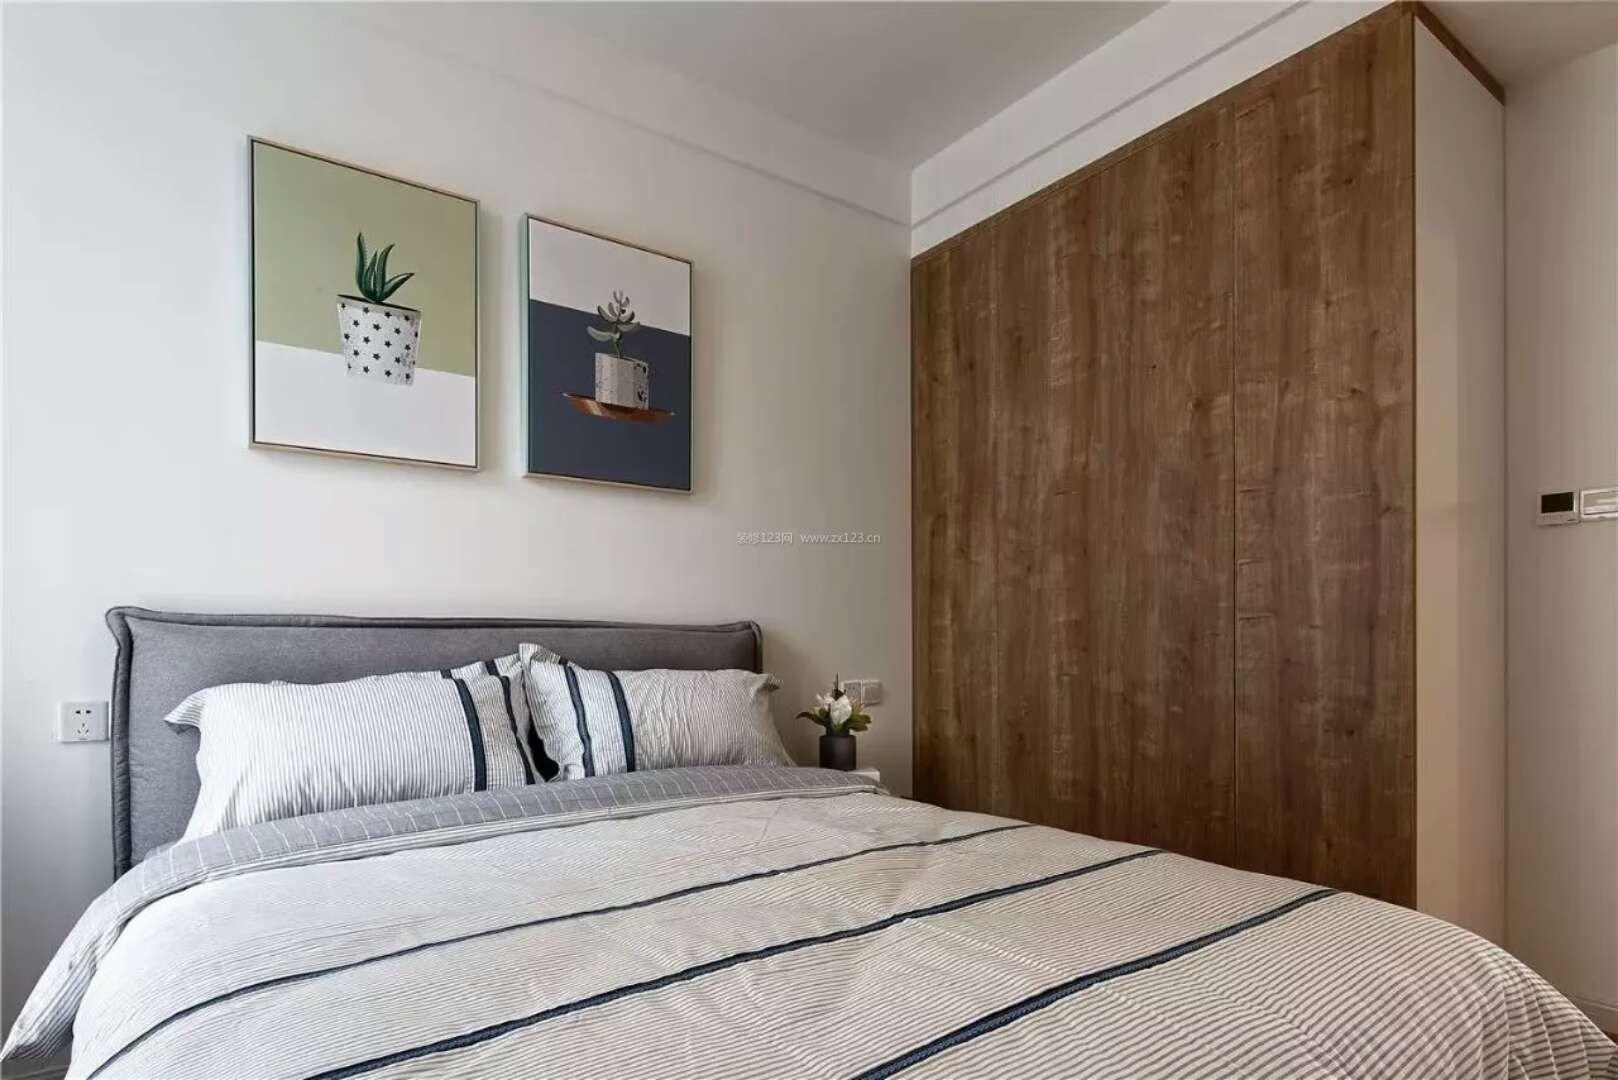 简约北欧风格卧室实木衣柜装修效果图